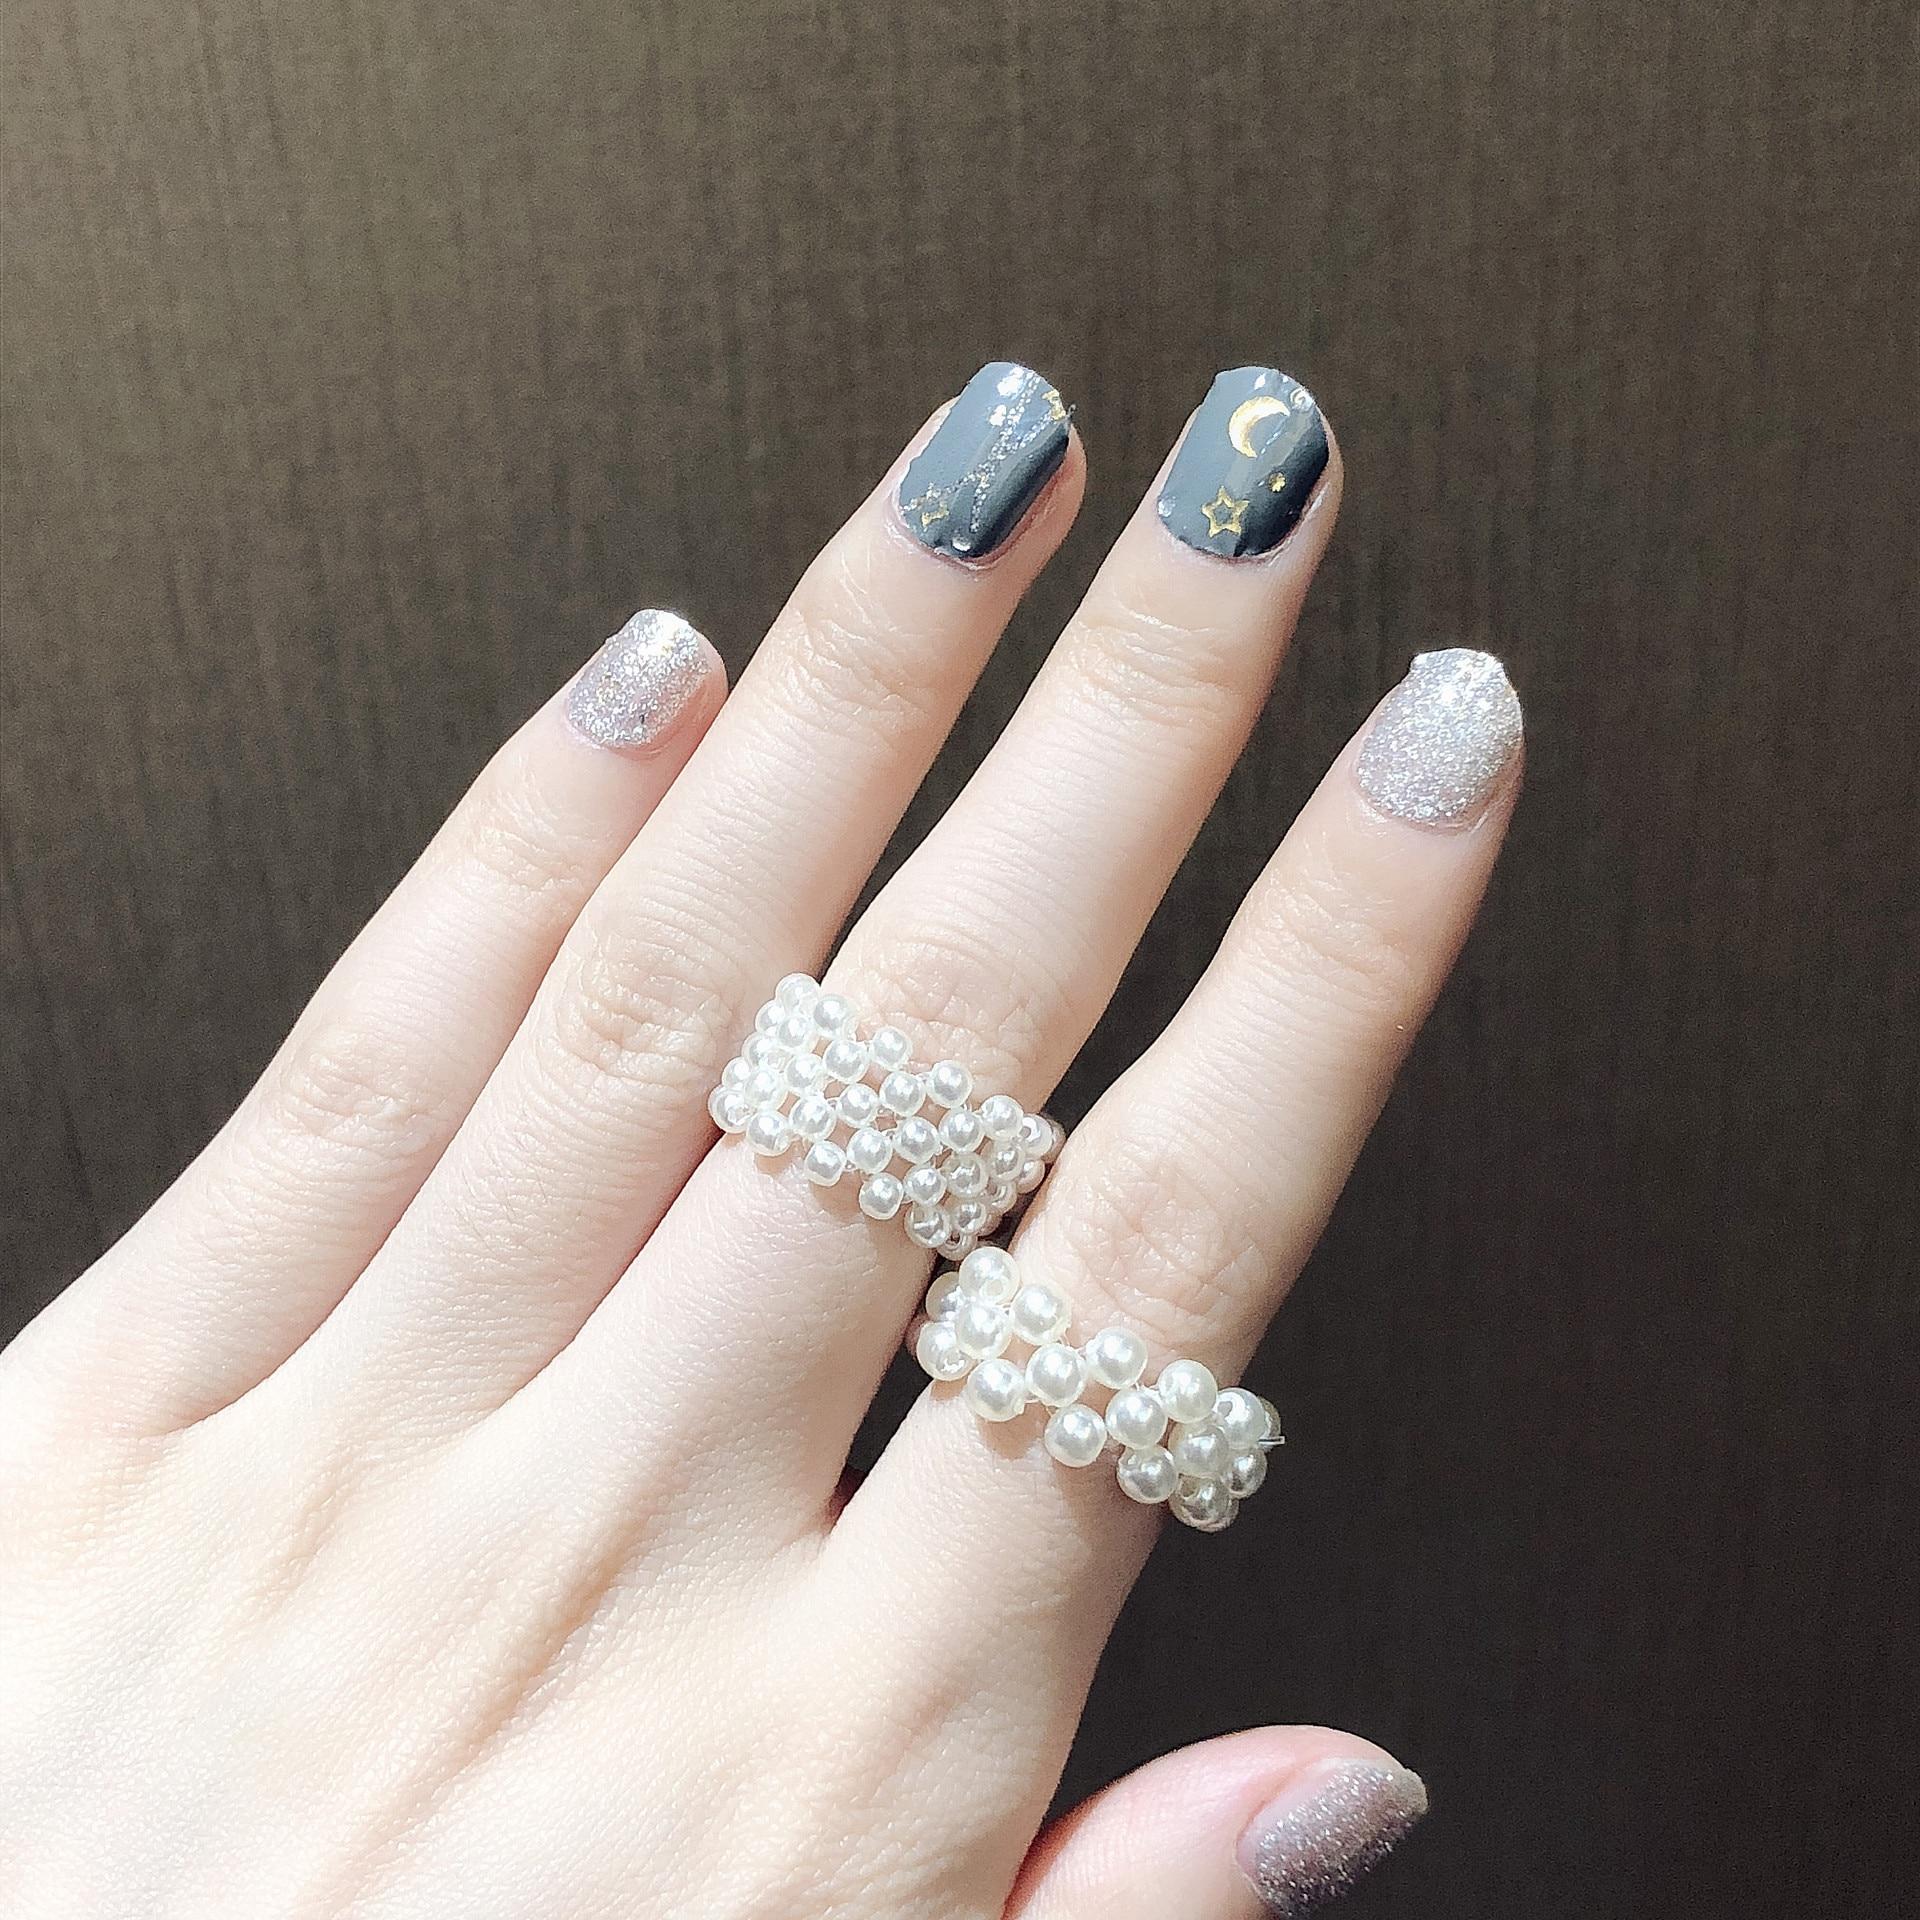 2020 1 Uds elegancia coreana romántica ajustable Mini perlas anillos para mujeres señoras dulce fiesta boda anillos joyas regalos Vestidos infantiles para niñas, vestido bordado de encaje, vestido de boda para niñas pequeñas, vestido de fiesta de cumpleaños, ropa de ceremonia de apertura para niños